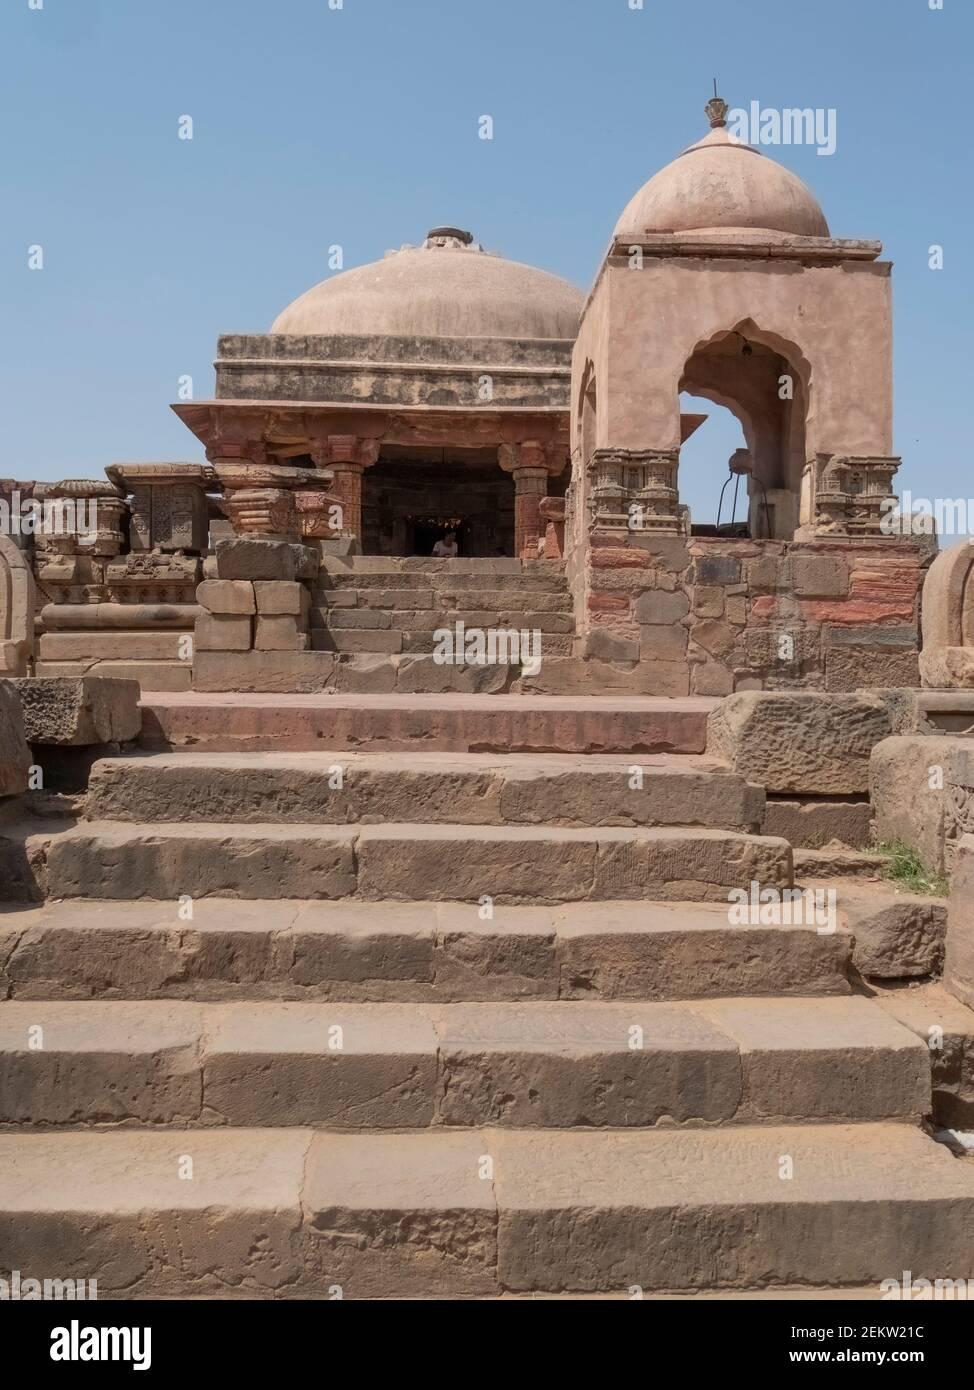 harshad mata templo hindú situado en el pueblo de abhaneri en el estado indio de rajasthan Foto de stock